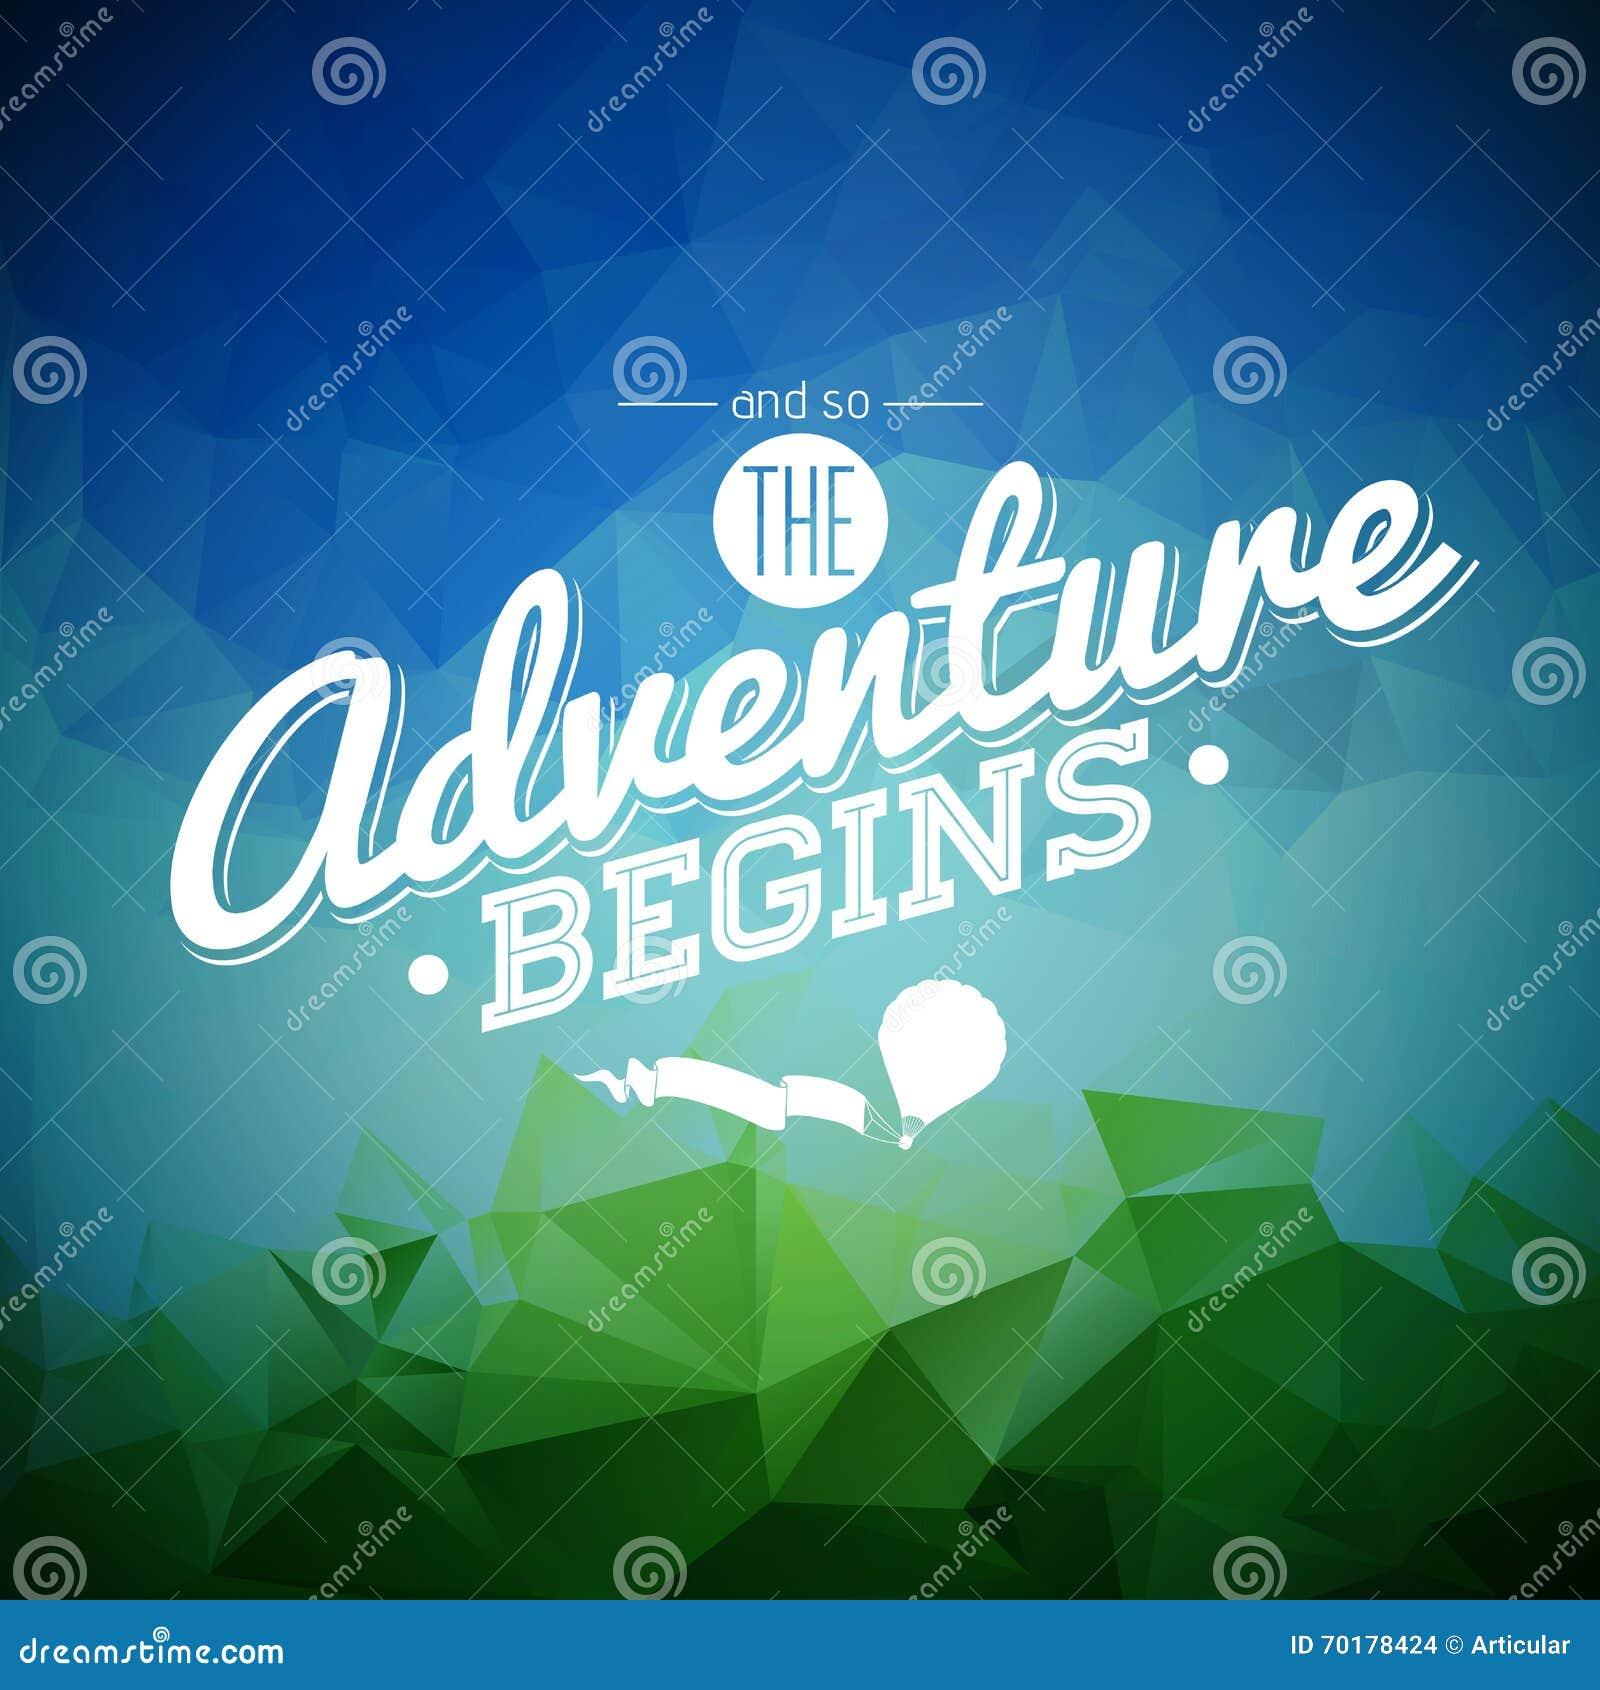 Elemento do projeto da tipografia do vetor para cartões e cartazes E assim a aventura começa citações da inspiração